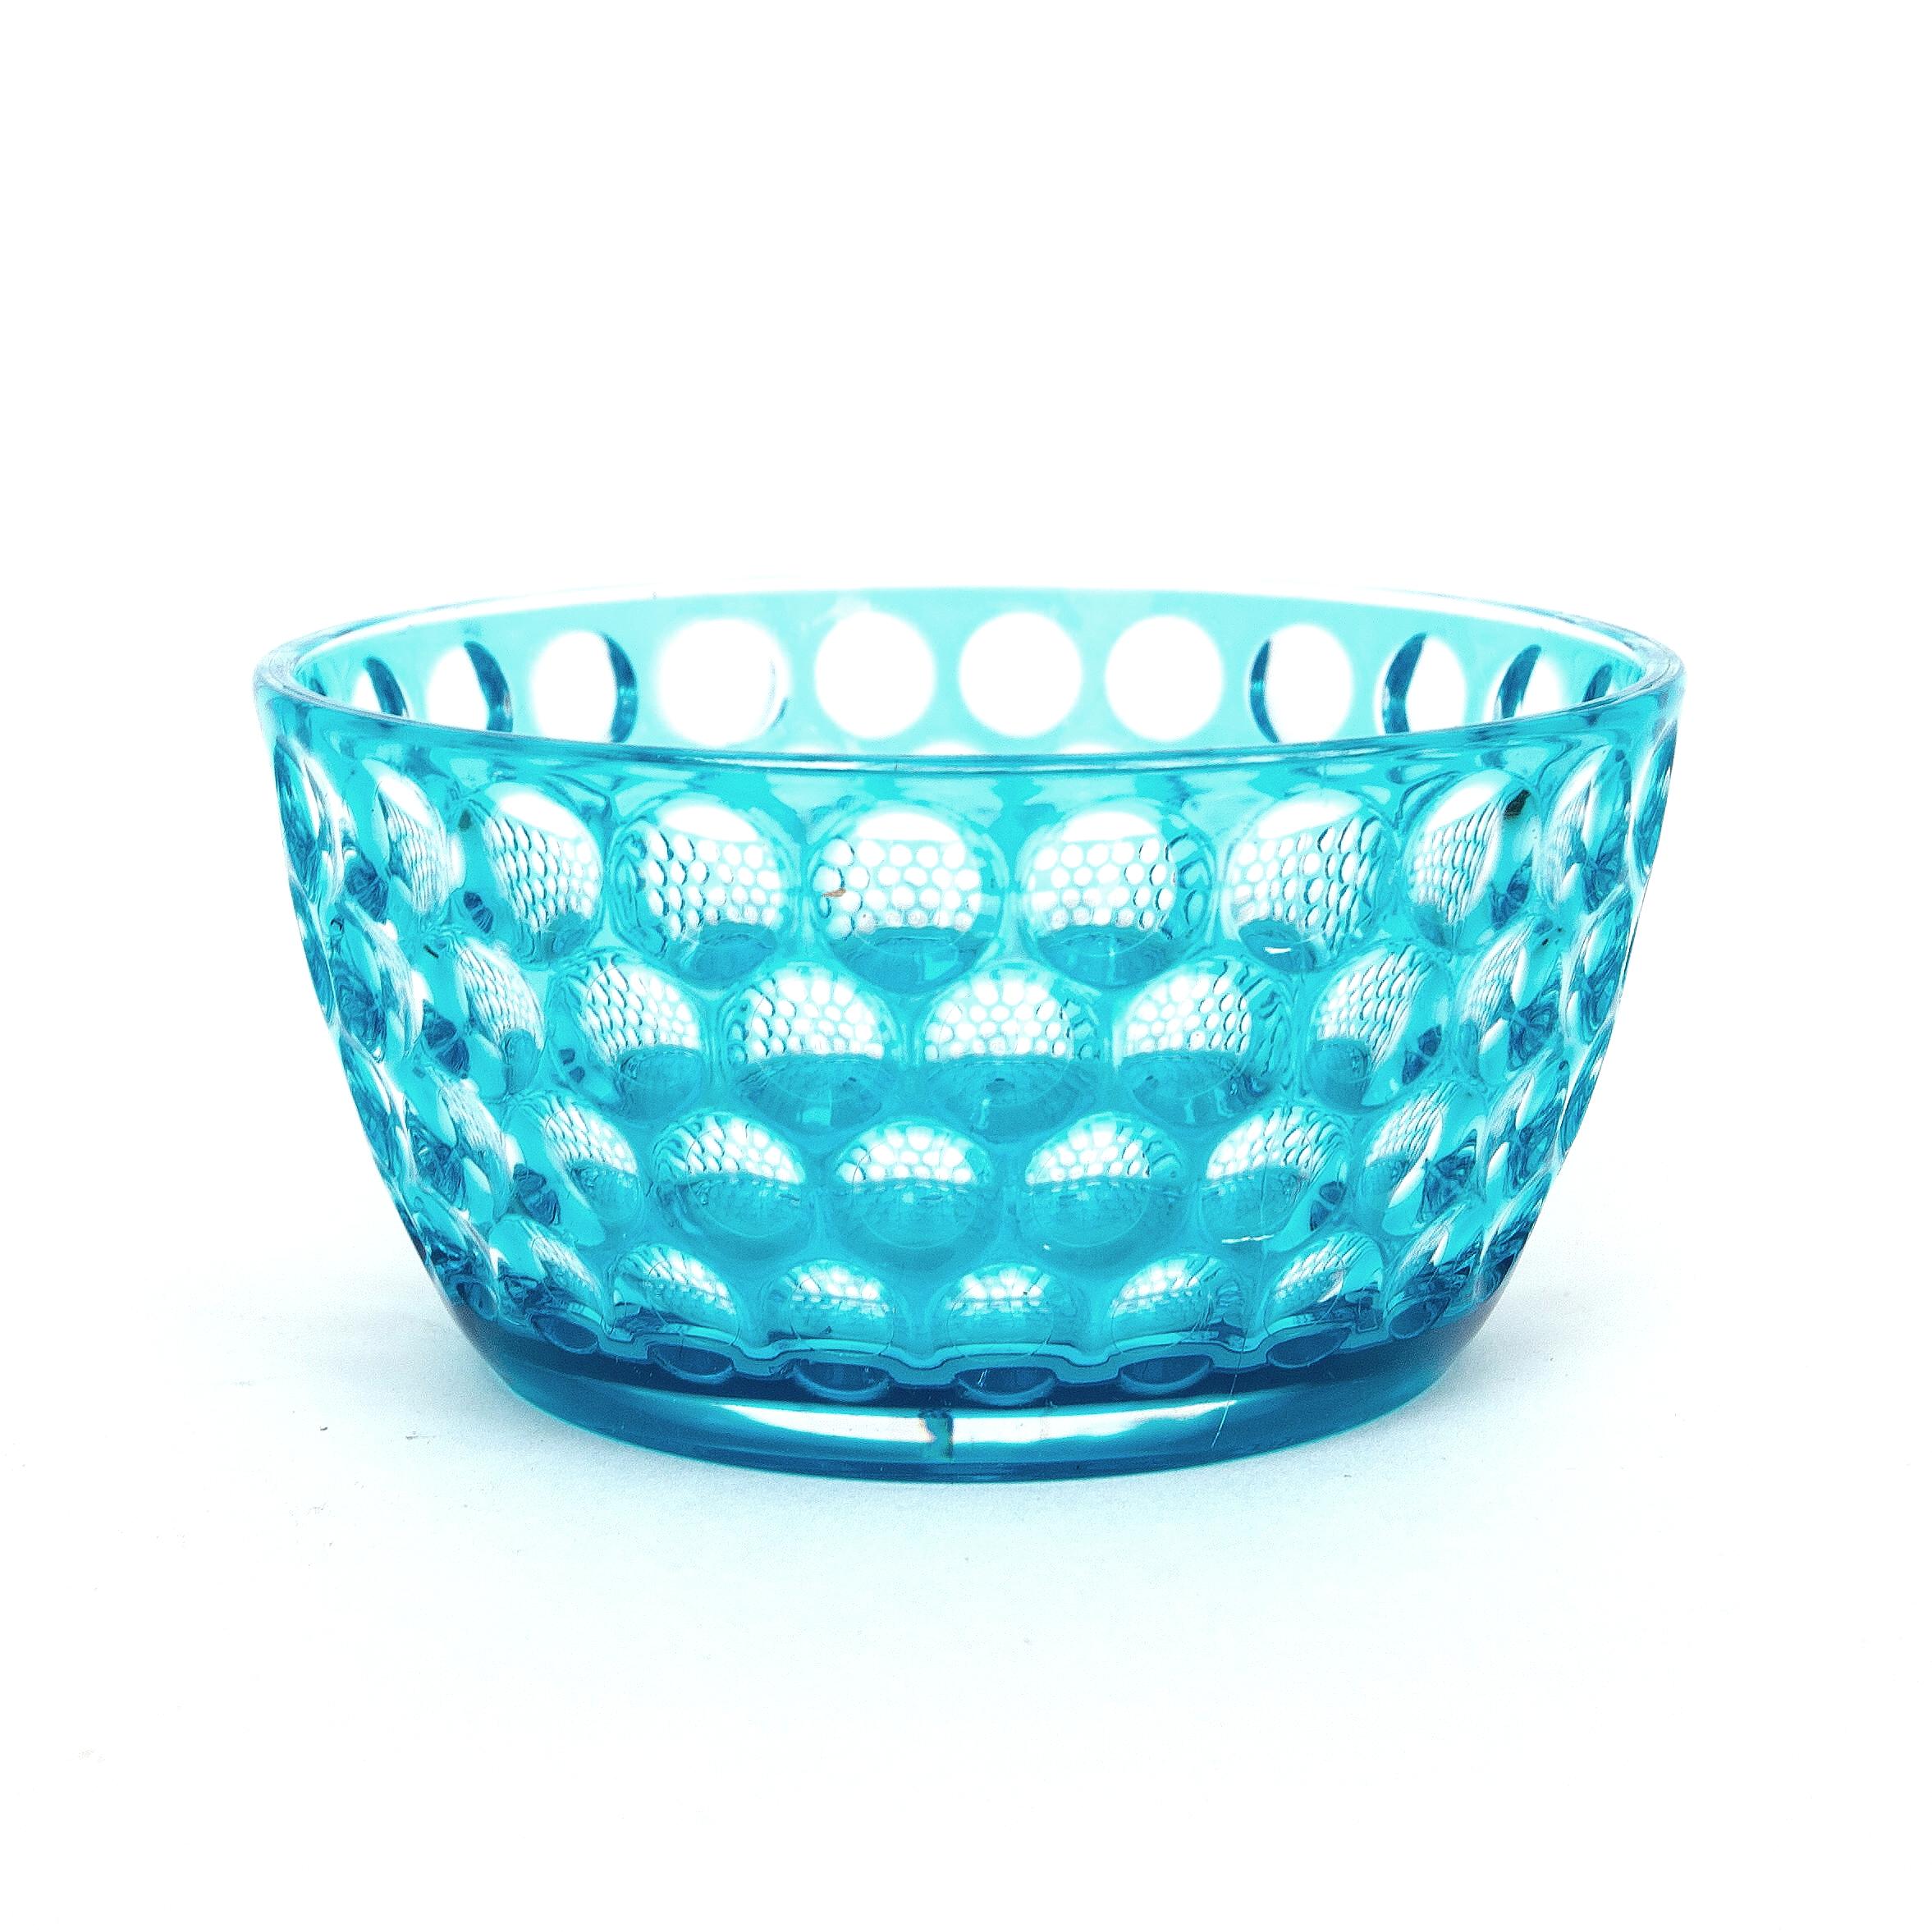 Lente_snack bowl (turquoise).JPG